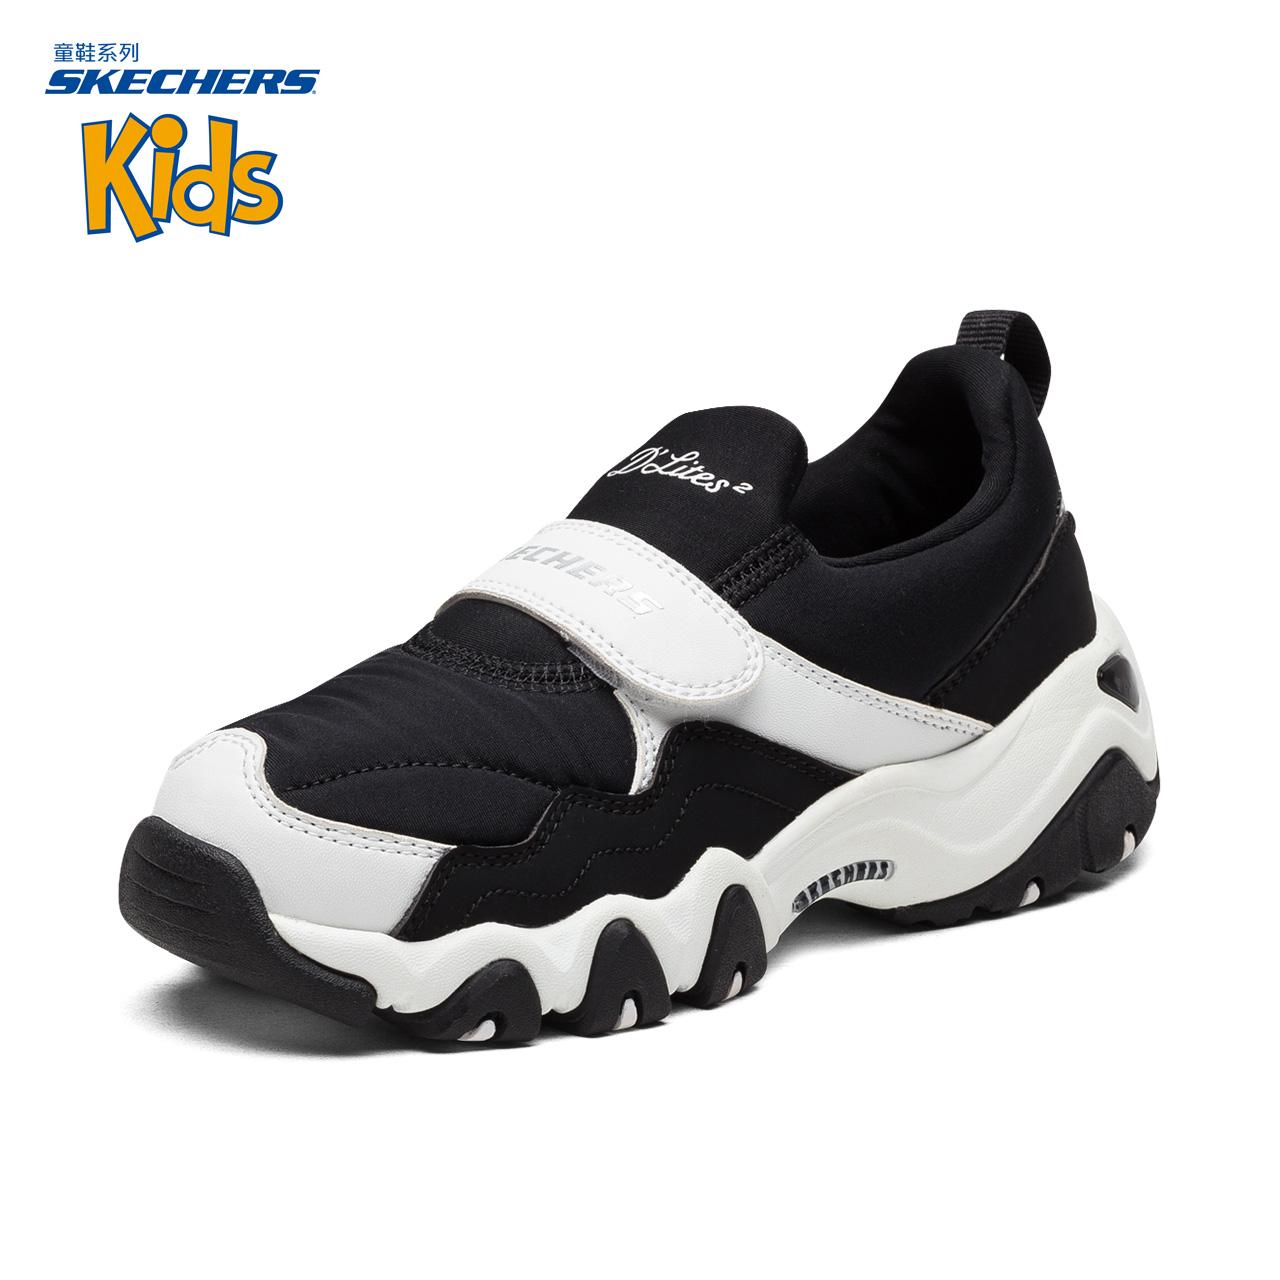 Skechers скай странный девочки обувной новый D'Lites серия противоскользящий износоустойчивый отцовство панда обувной 996304